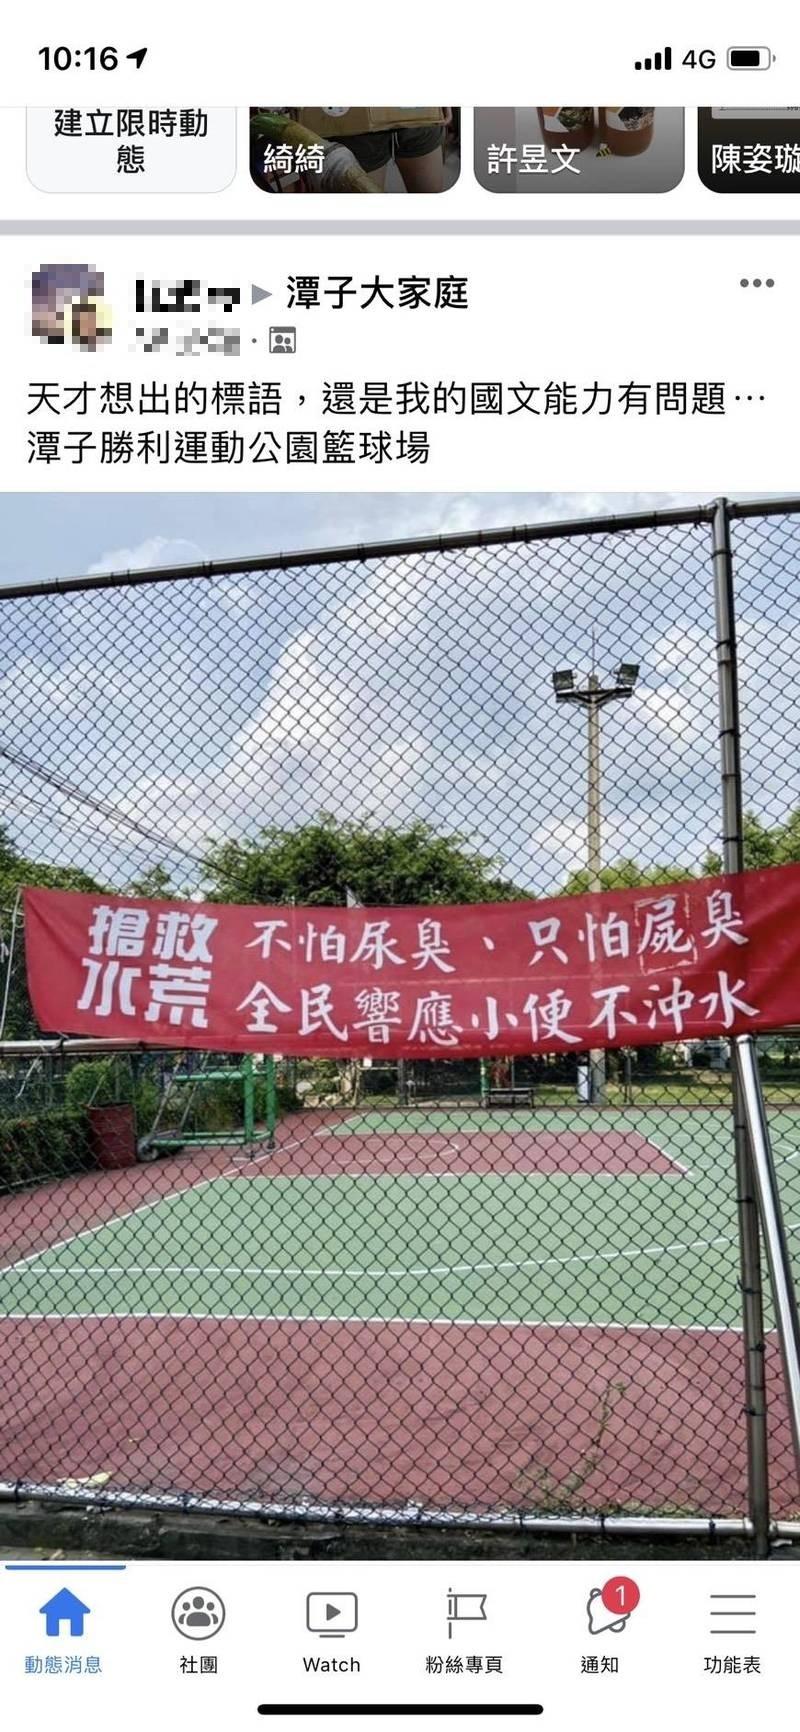 民間團體在潭子勝利運動公園懸掛省水標語,引發爭議。(擷取自臉書「潭子大家庭」)